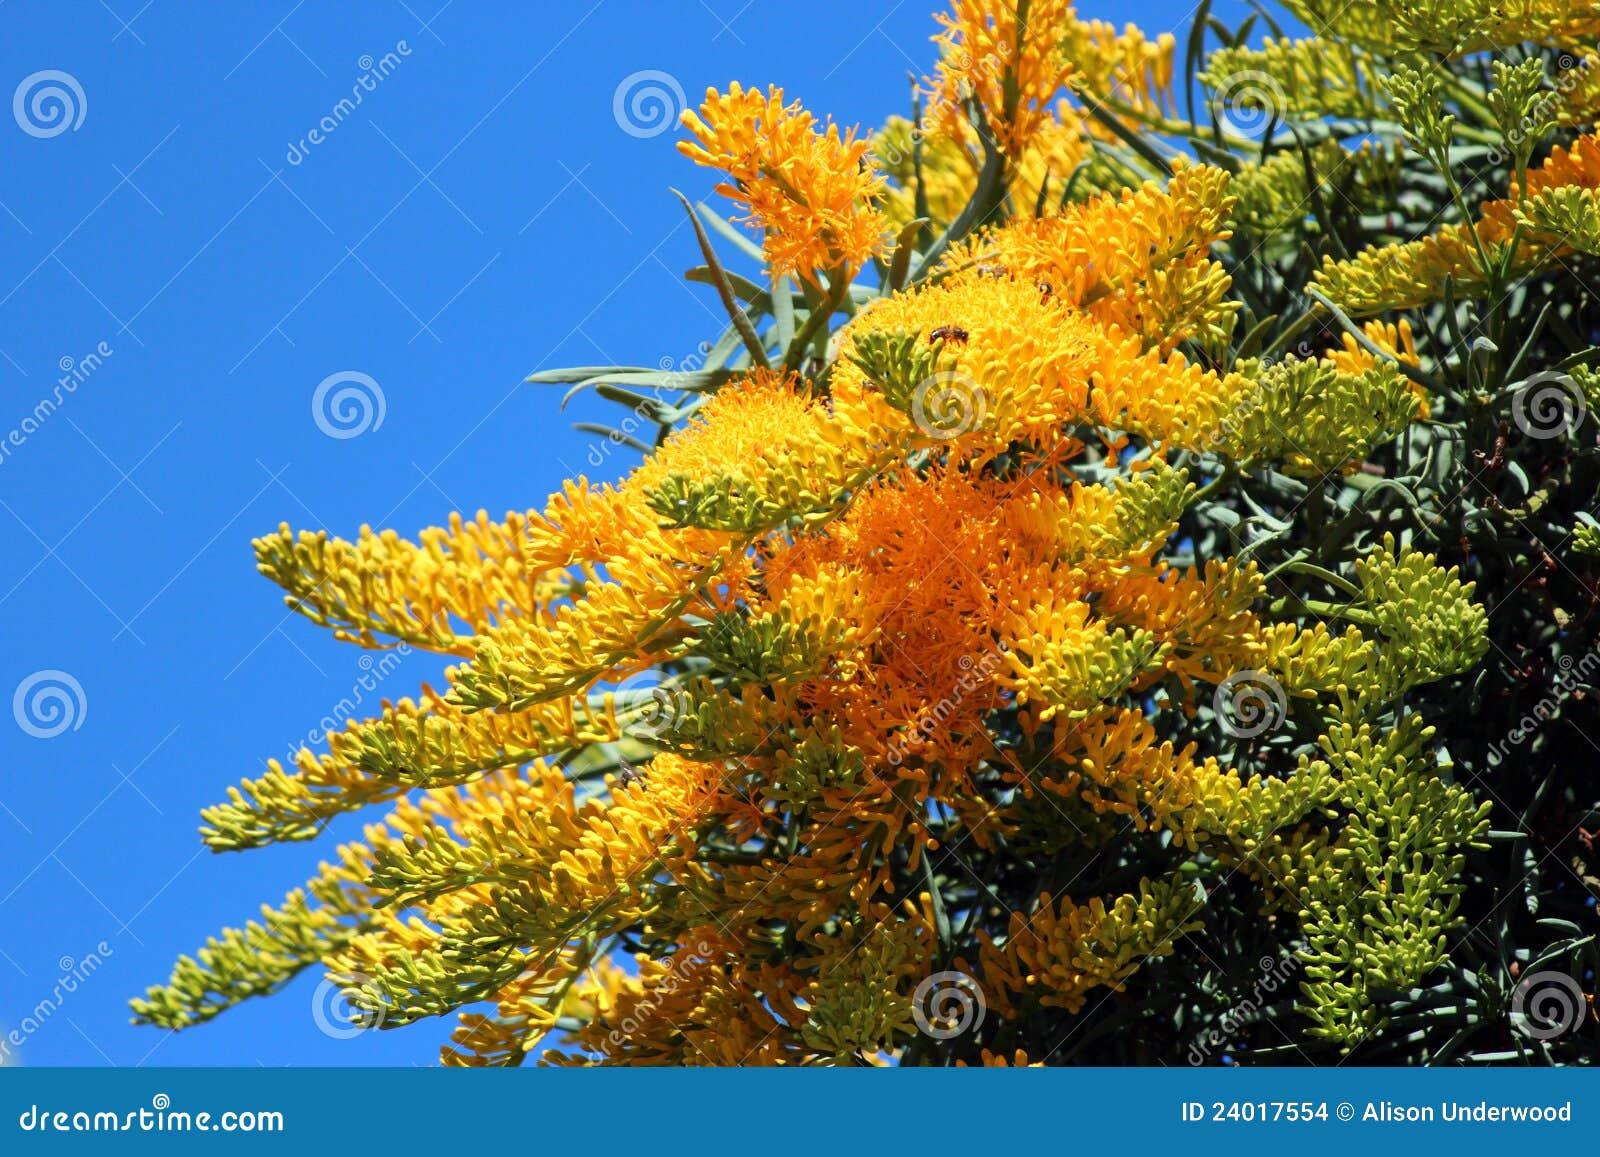 nuytsia floribunda australischer weihnachtsbaum